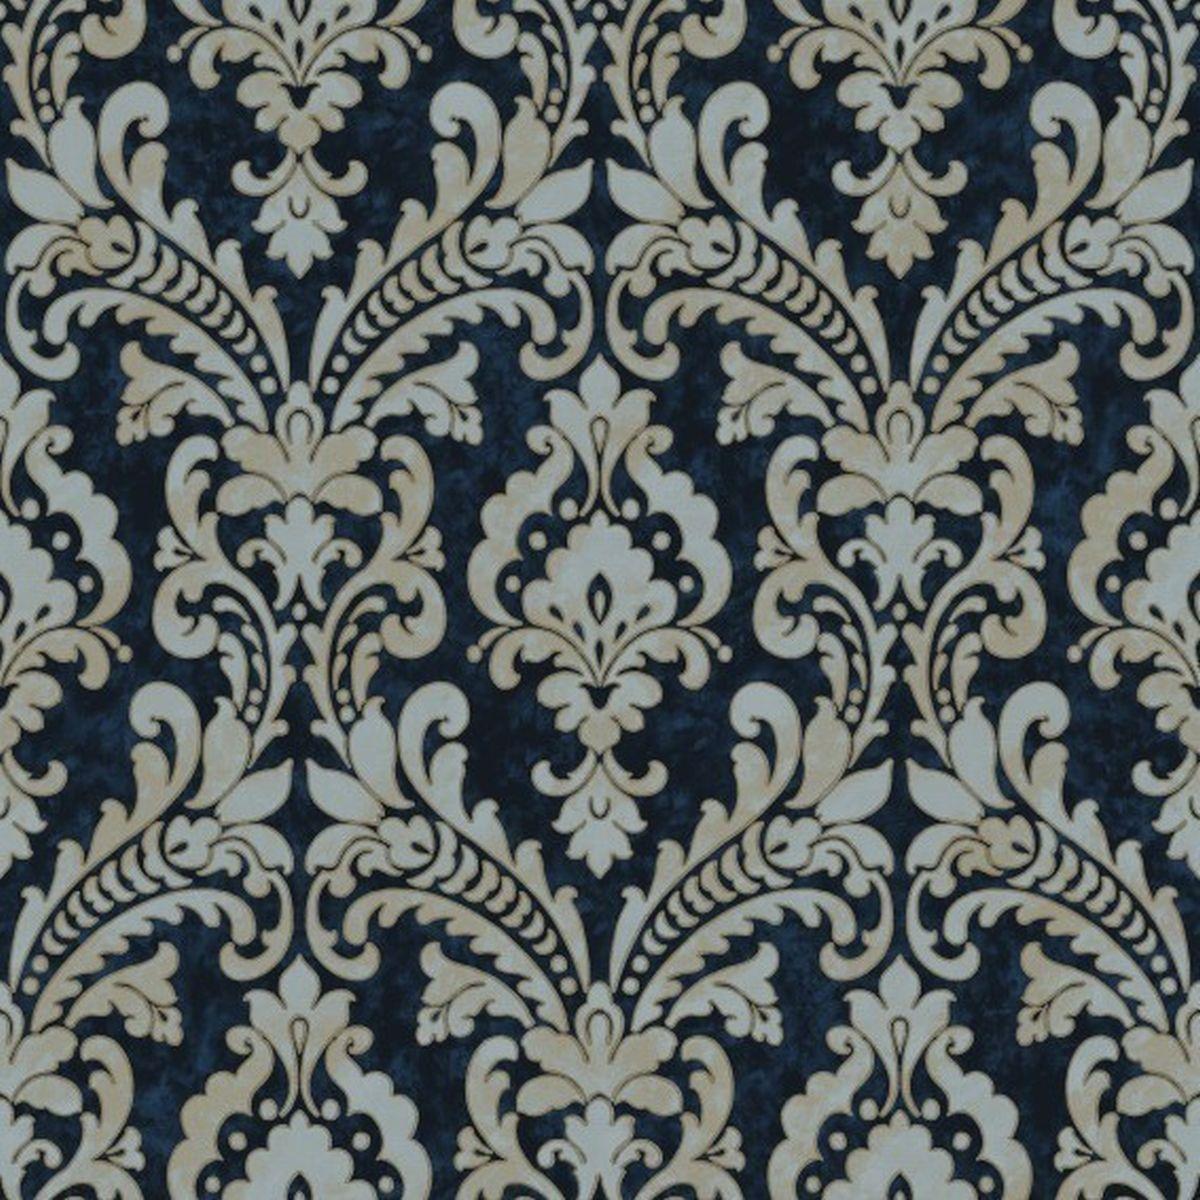 DesignID Vliestapete Erstklassige Designs VD219175 Blau Barock Tapete